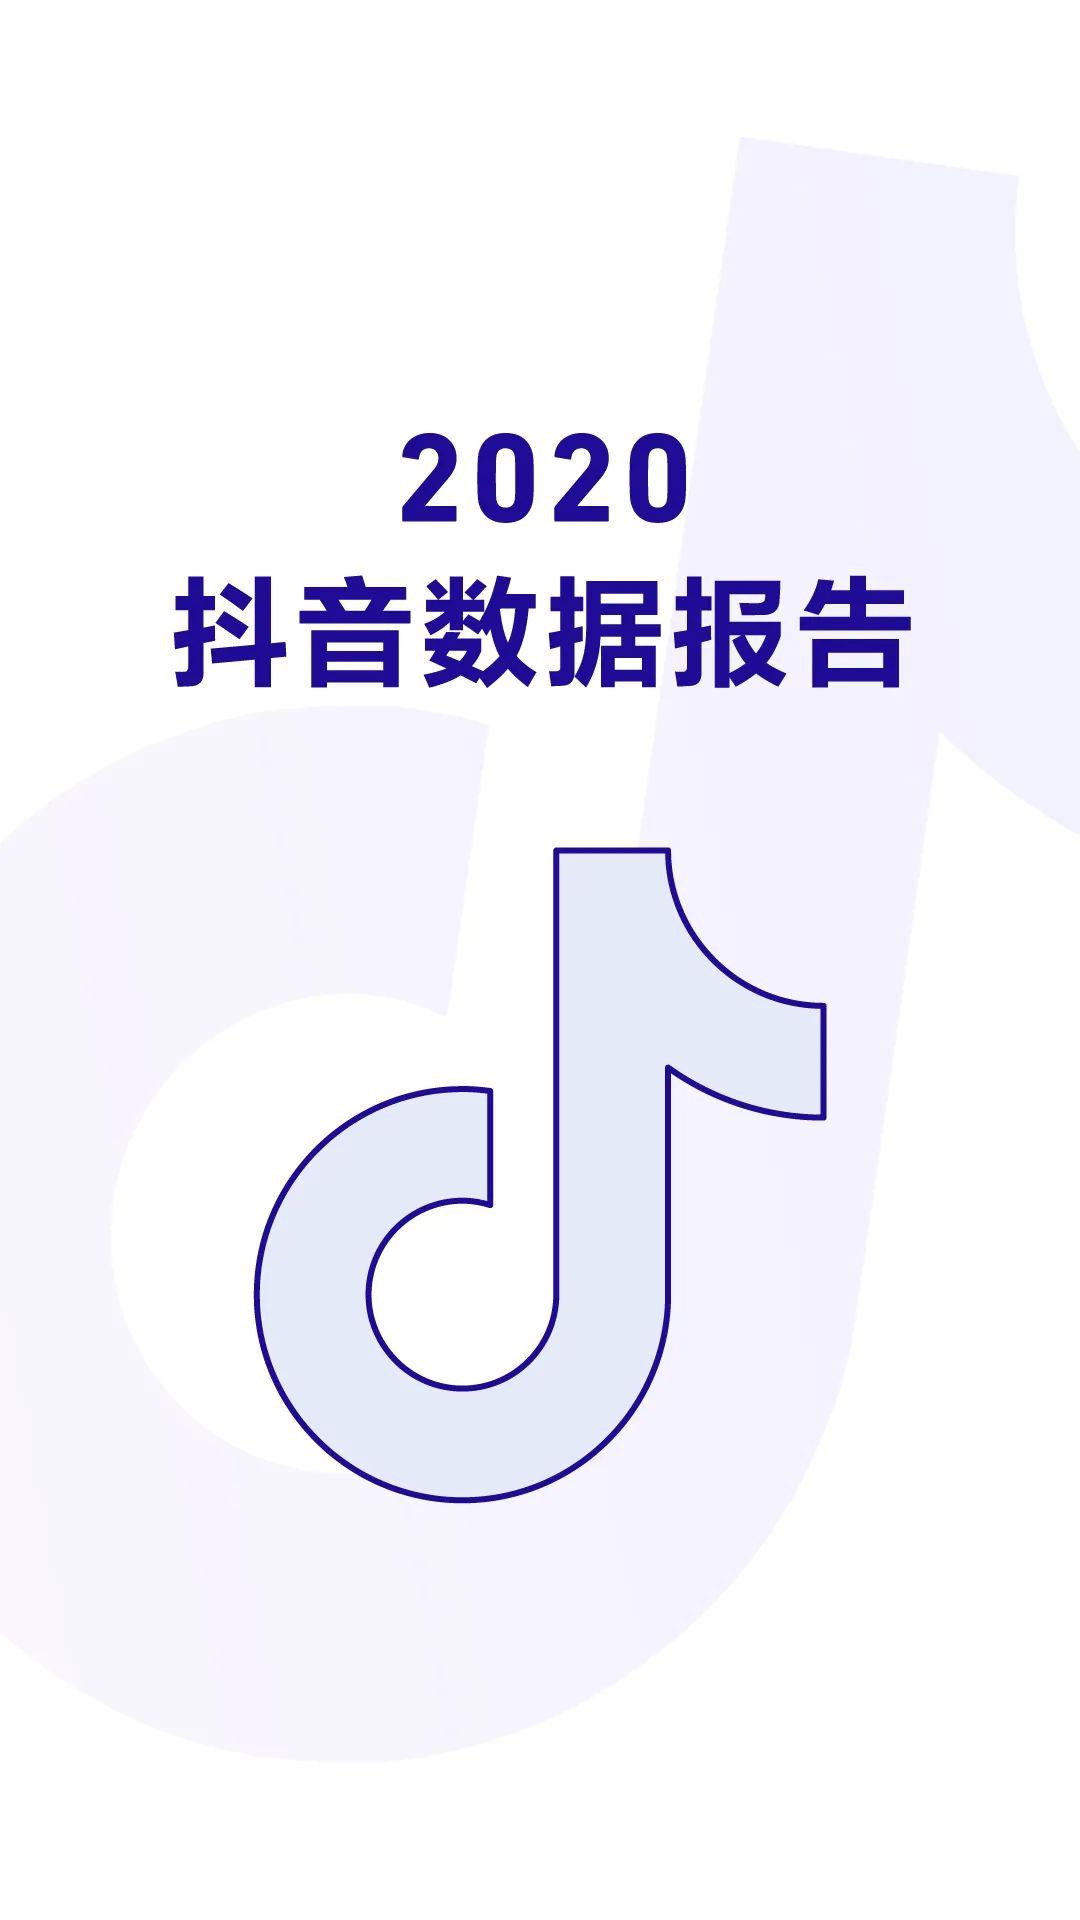 2020抖音数据报告(完整版)插图